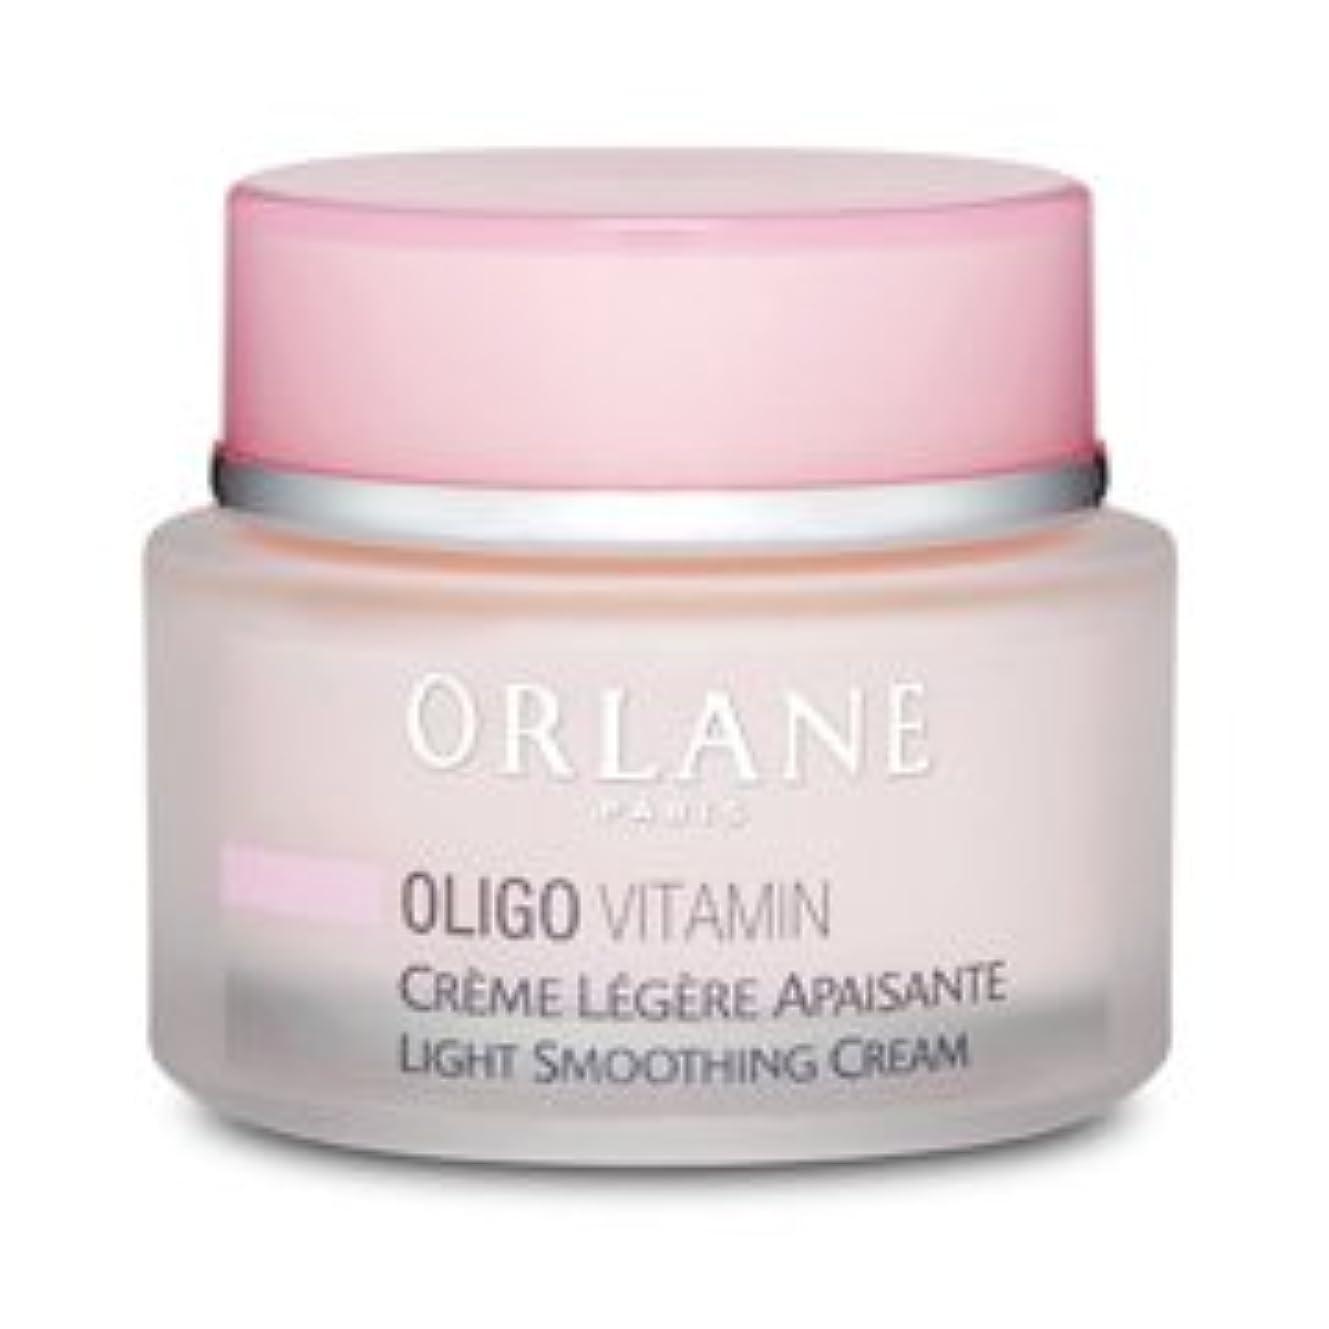 気を散らすどれか狂うオルラーヌ(Orlane) オリゴ ライト スムージング クリーム 50ml [並行輸入品]